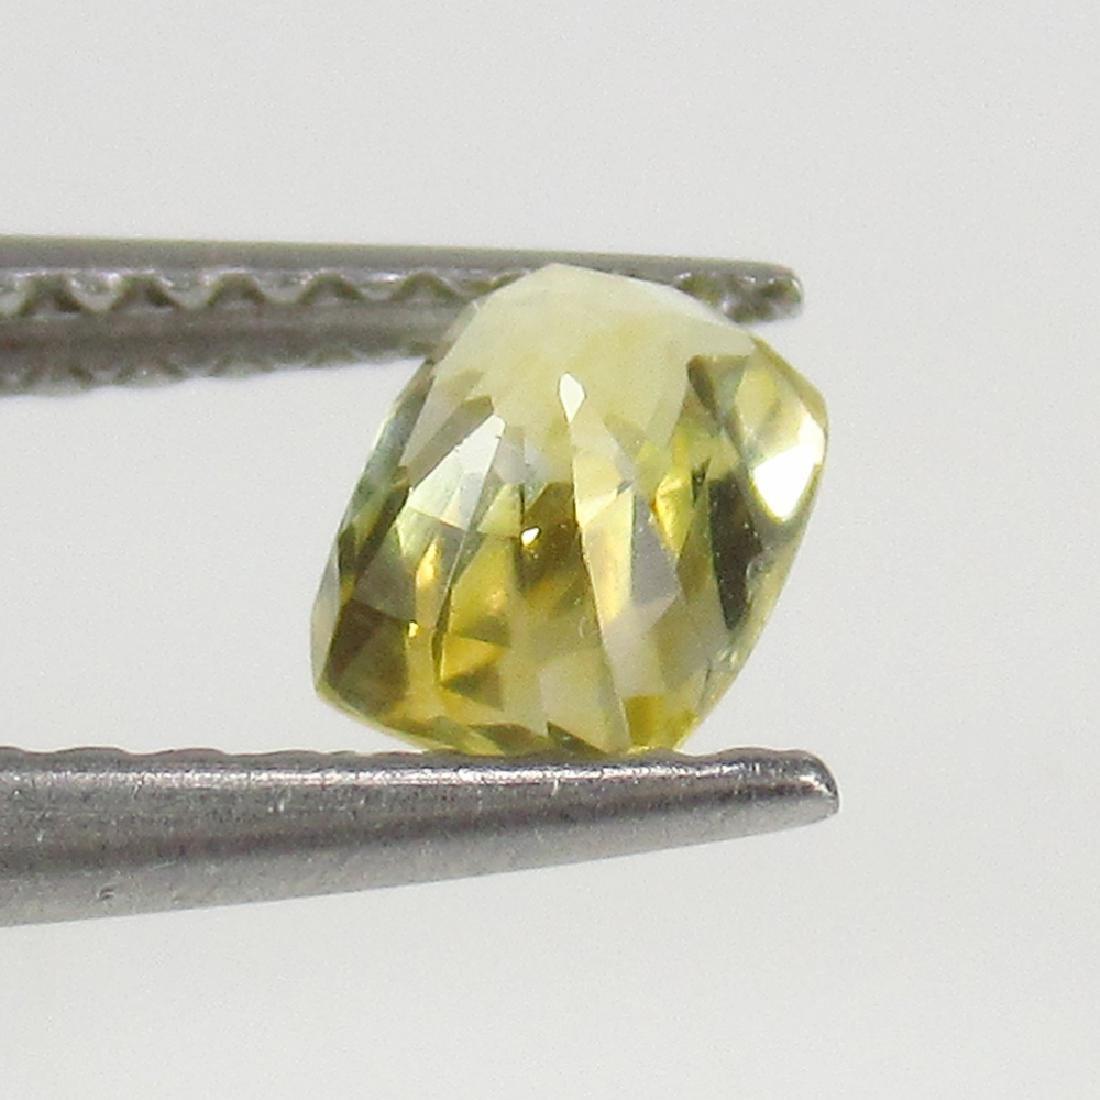 0.64 Ct Genuine IGI Certified Sri Lanka Yellow Sapphire - 3